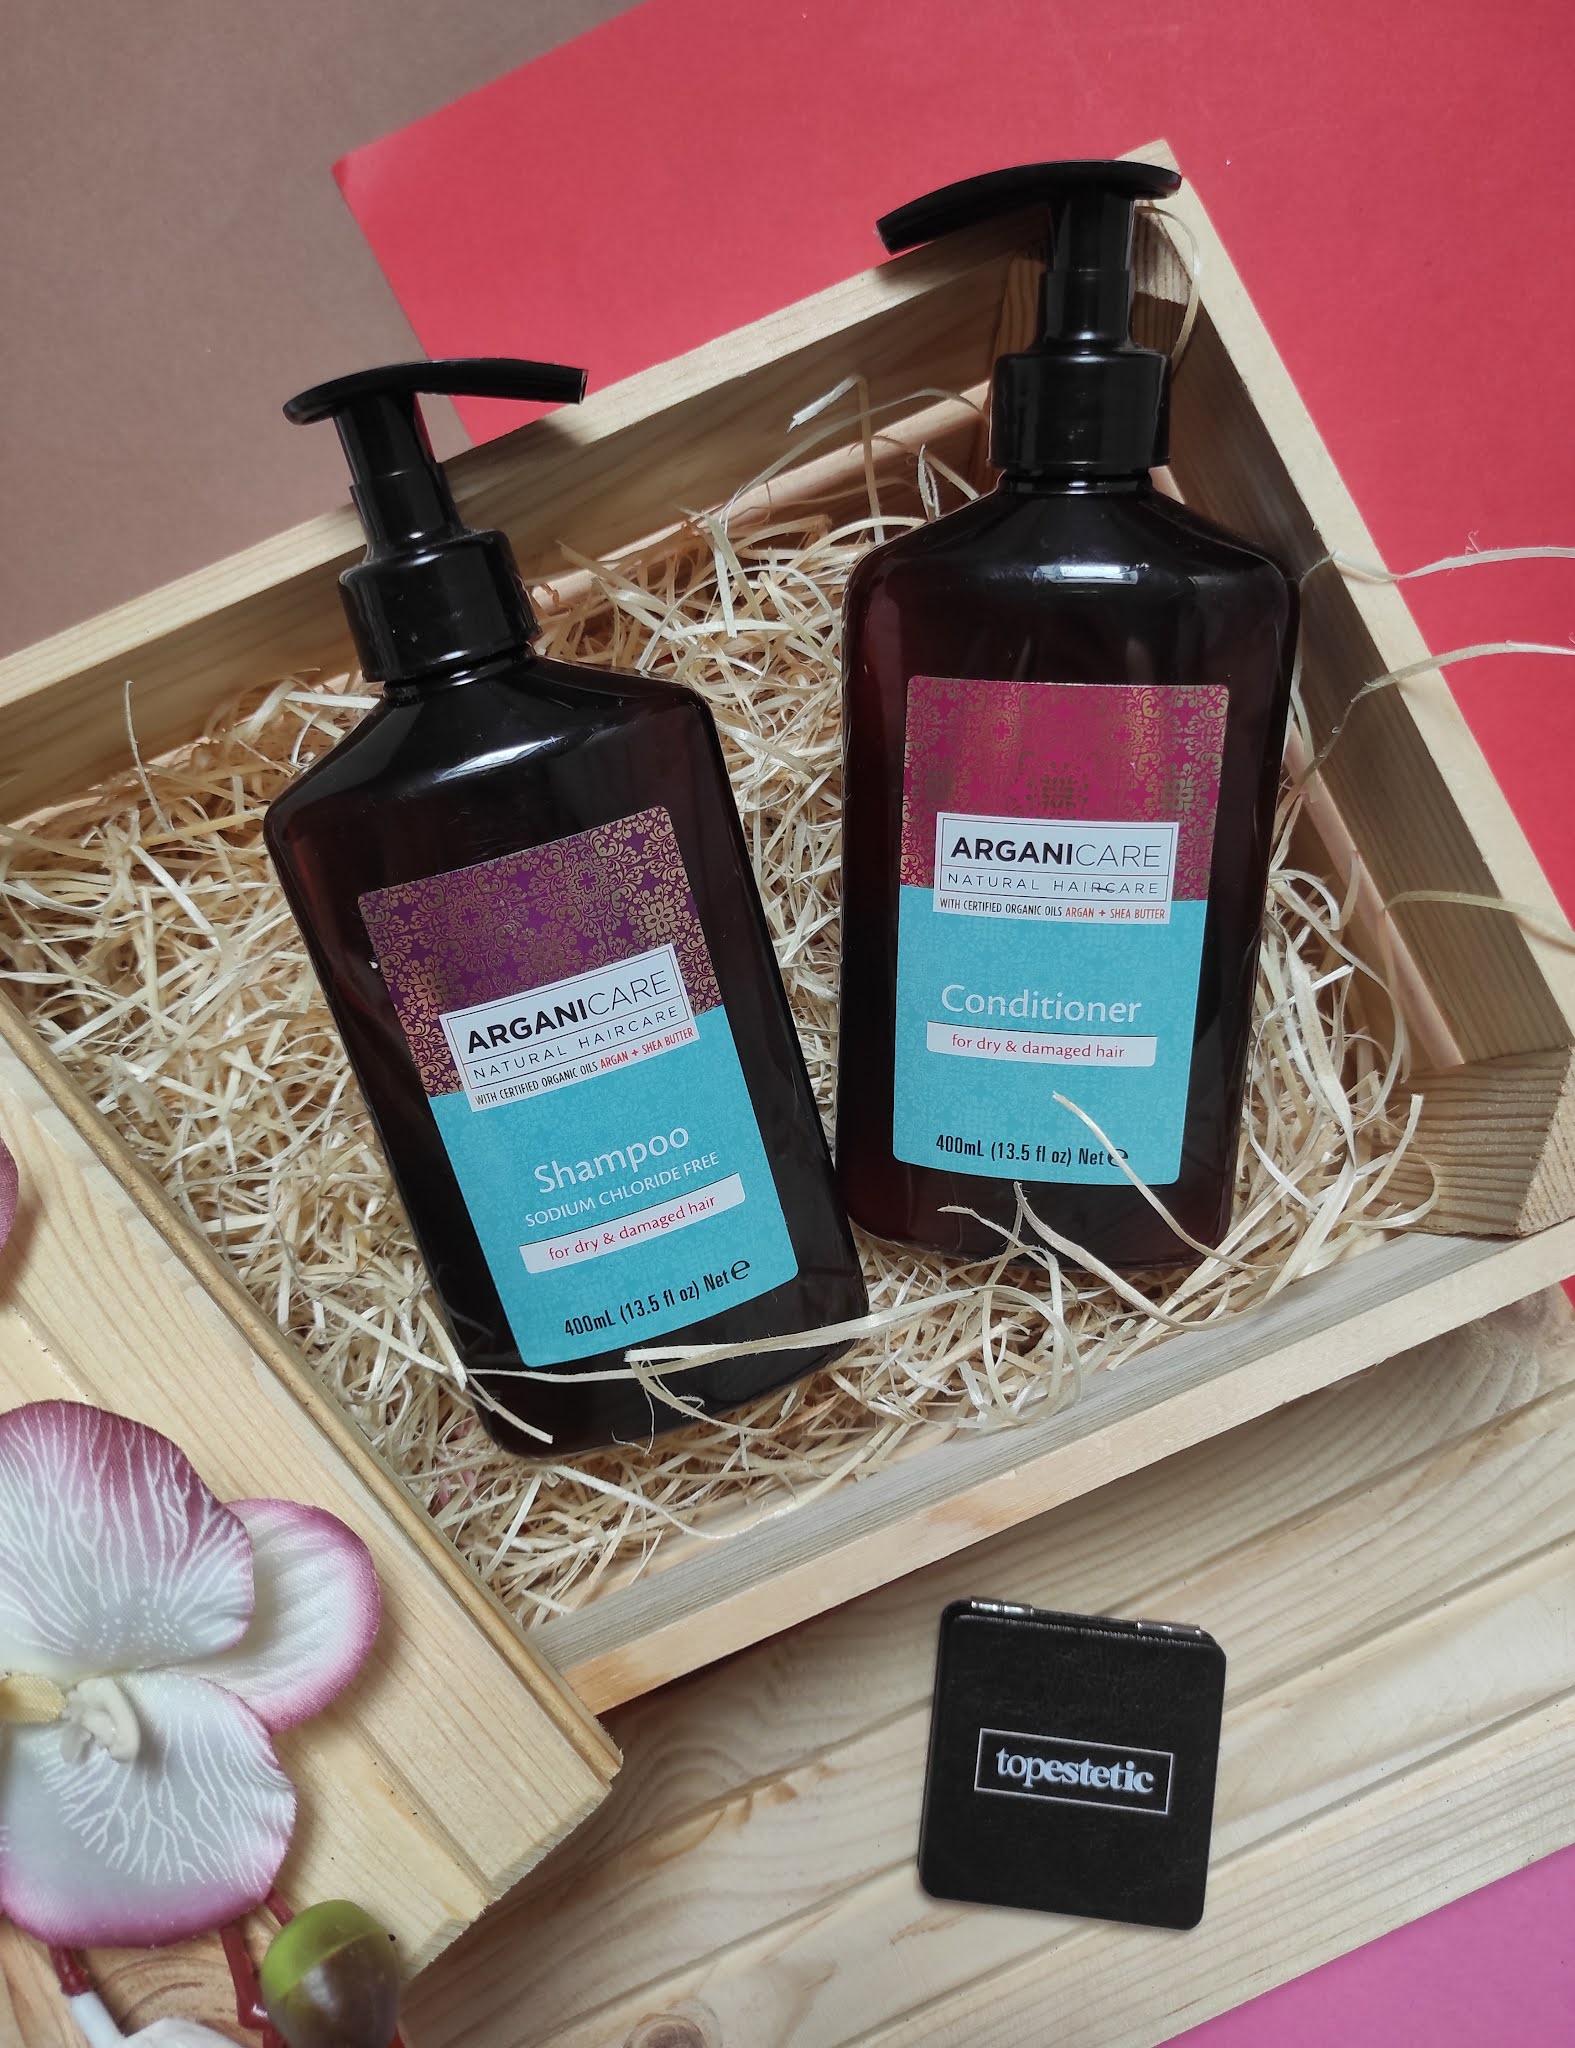 Kosmetyki Arganicare Shea Butter  - idealne do pielęgnacji suchych włosów - Topestetic